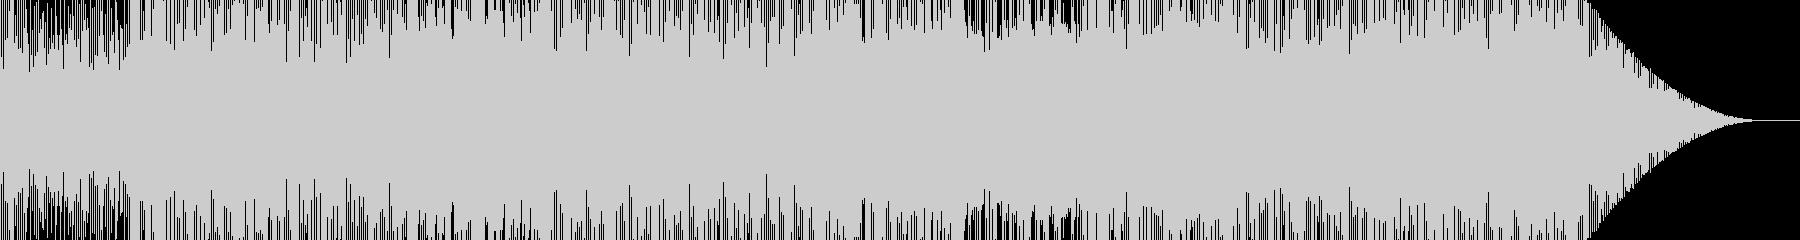 ウキウキほのぼの軽快な日常スケッチの未再生の波形